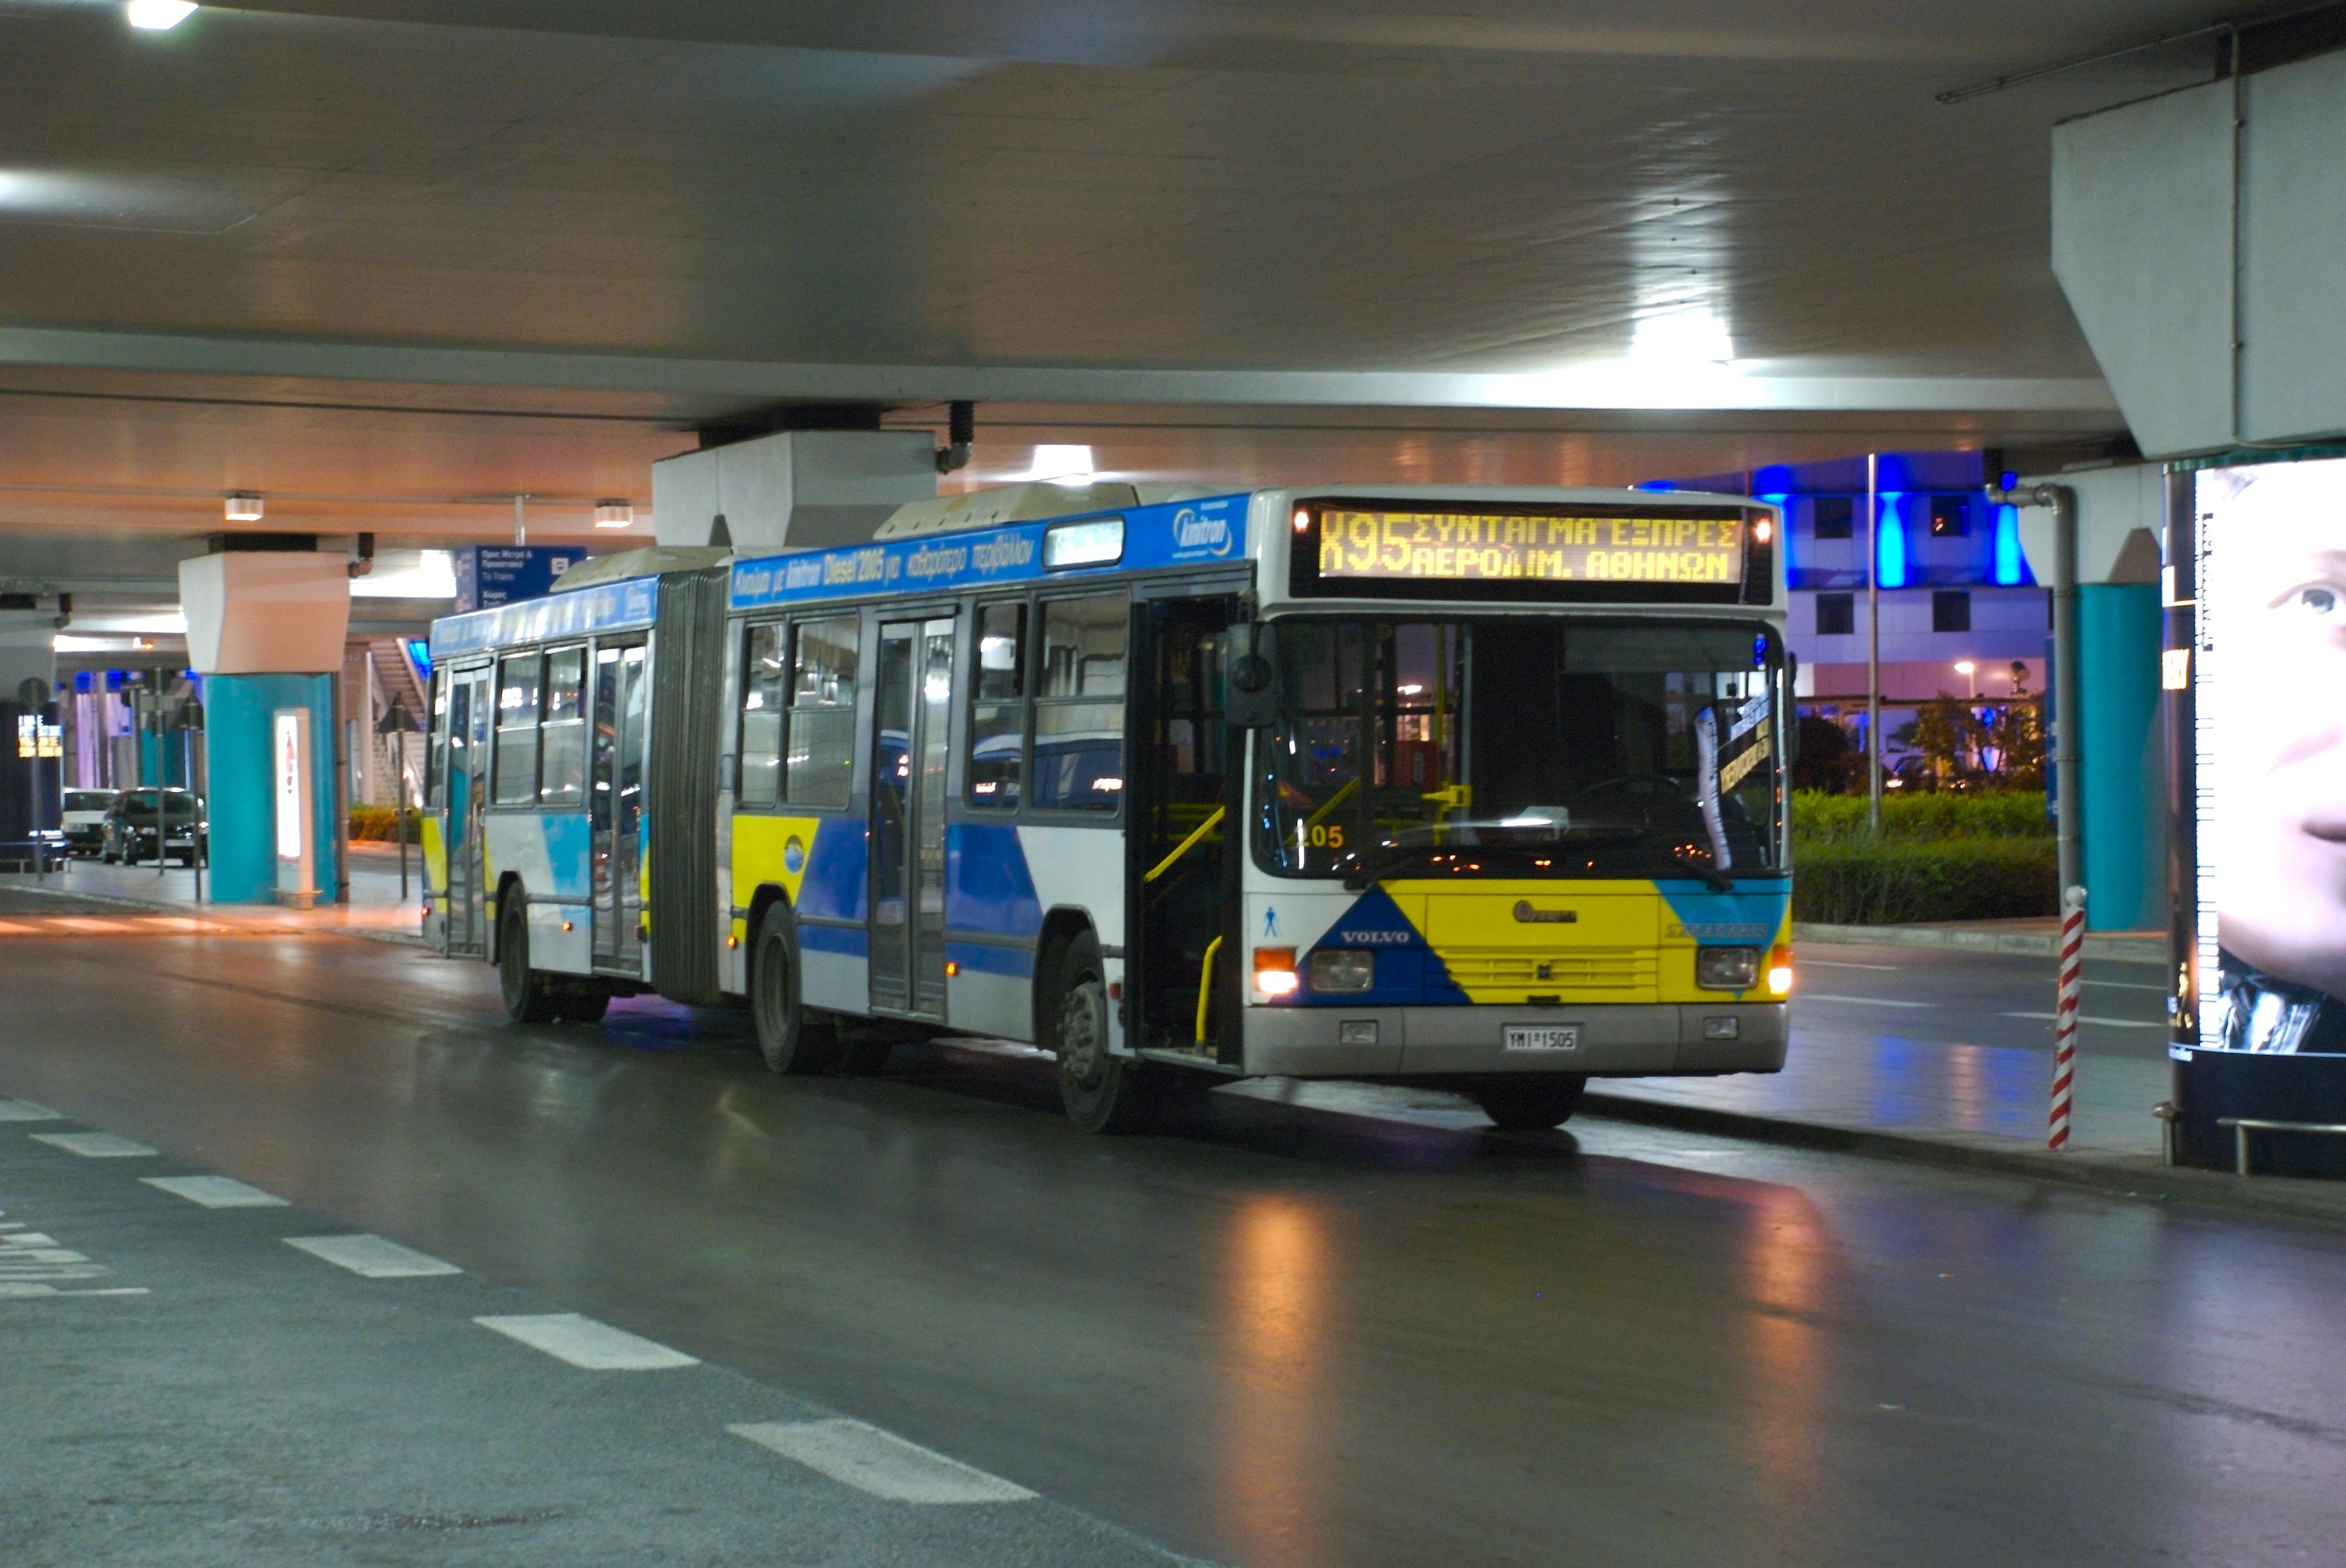 Bus X95 en el Aeropuerto